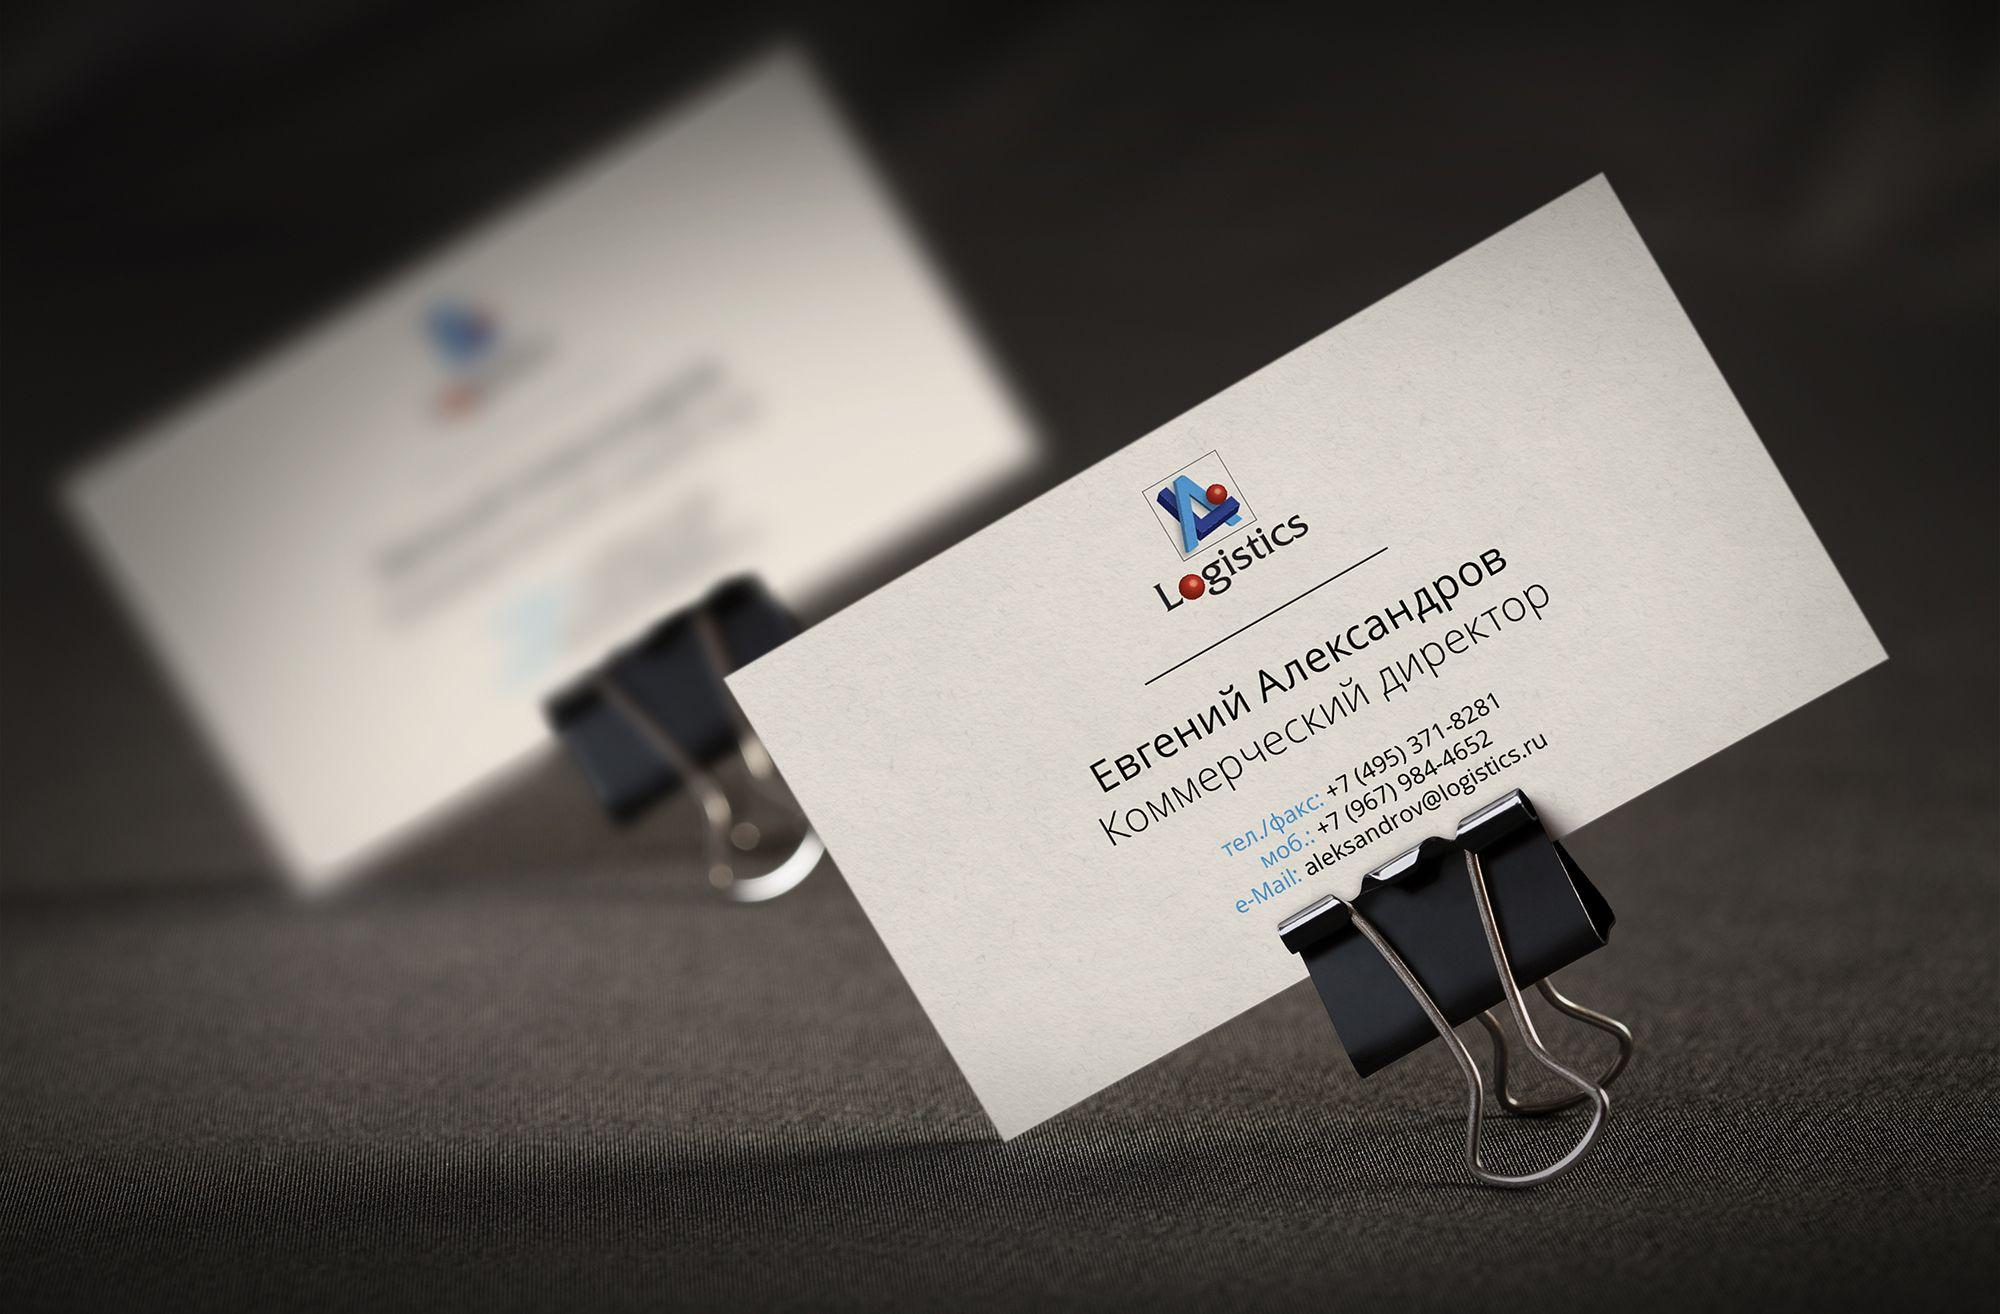 Разработка лого и фирстиля для компании Логистика - дизайнер trocky18